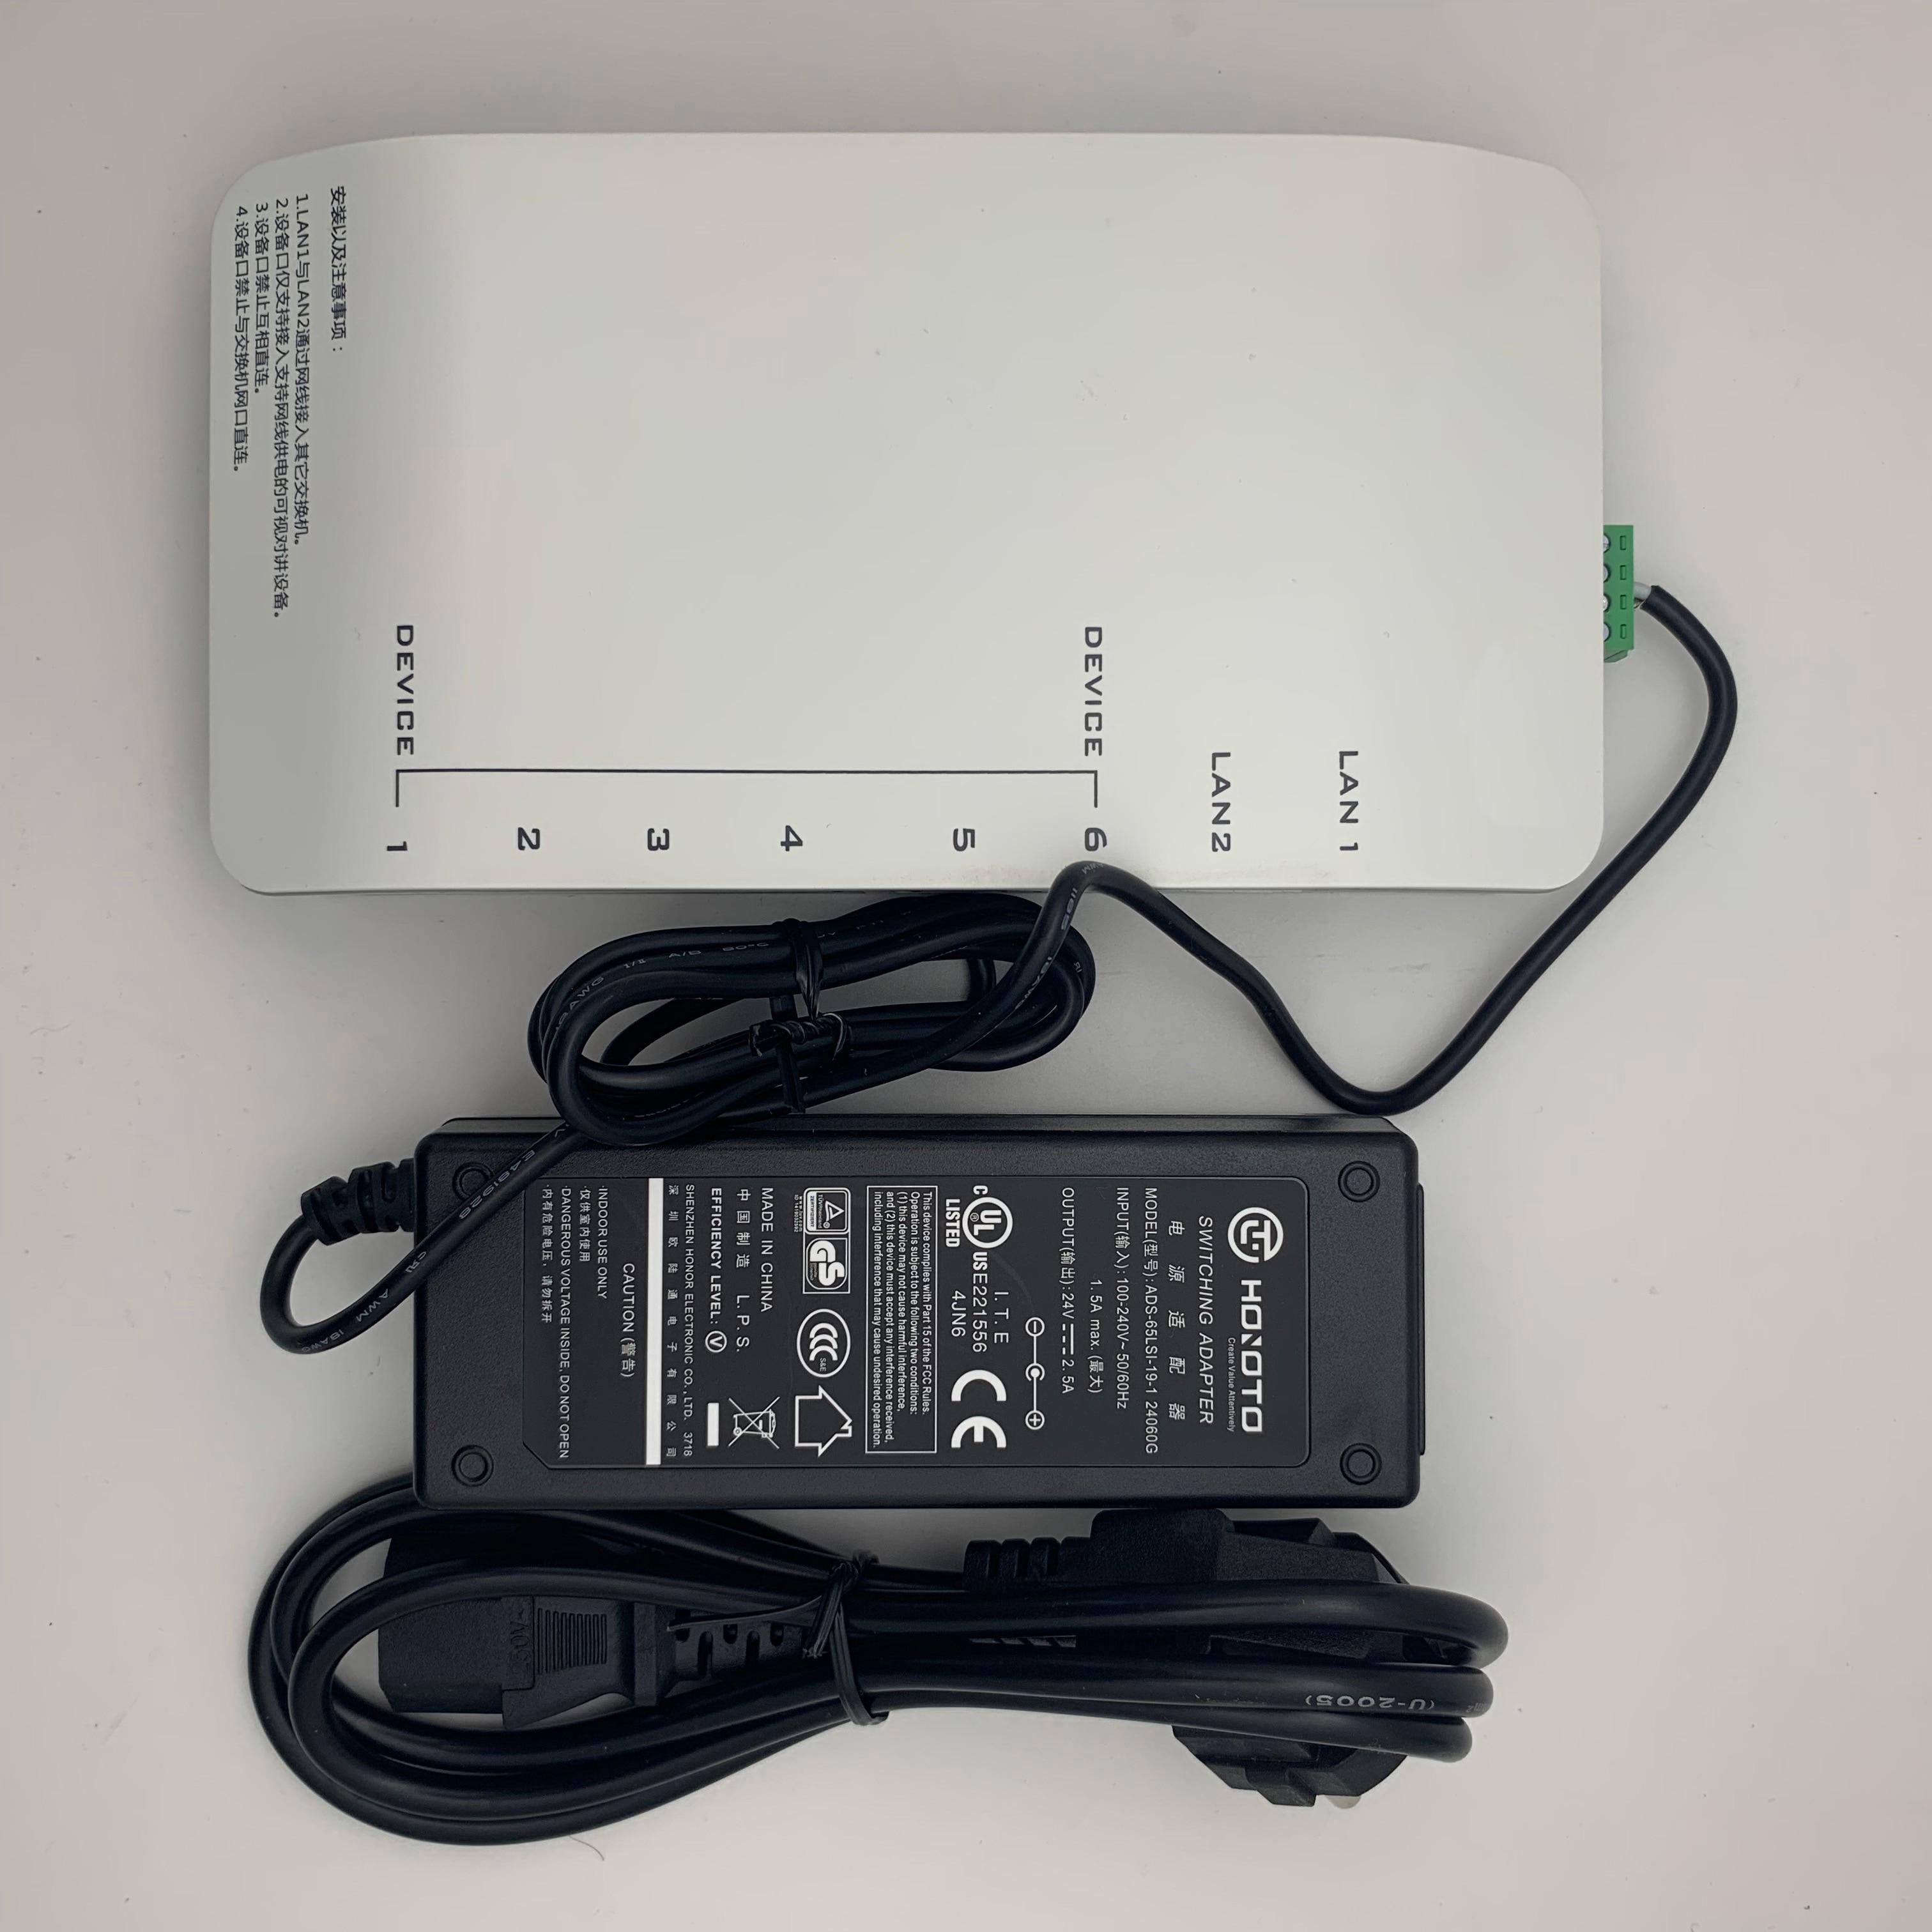 hik ds kad606 n ds kad606 p para ip video porteiro incluem adaptador alimentacao 02